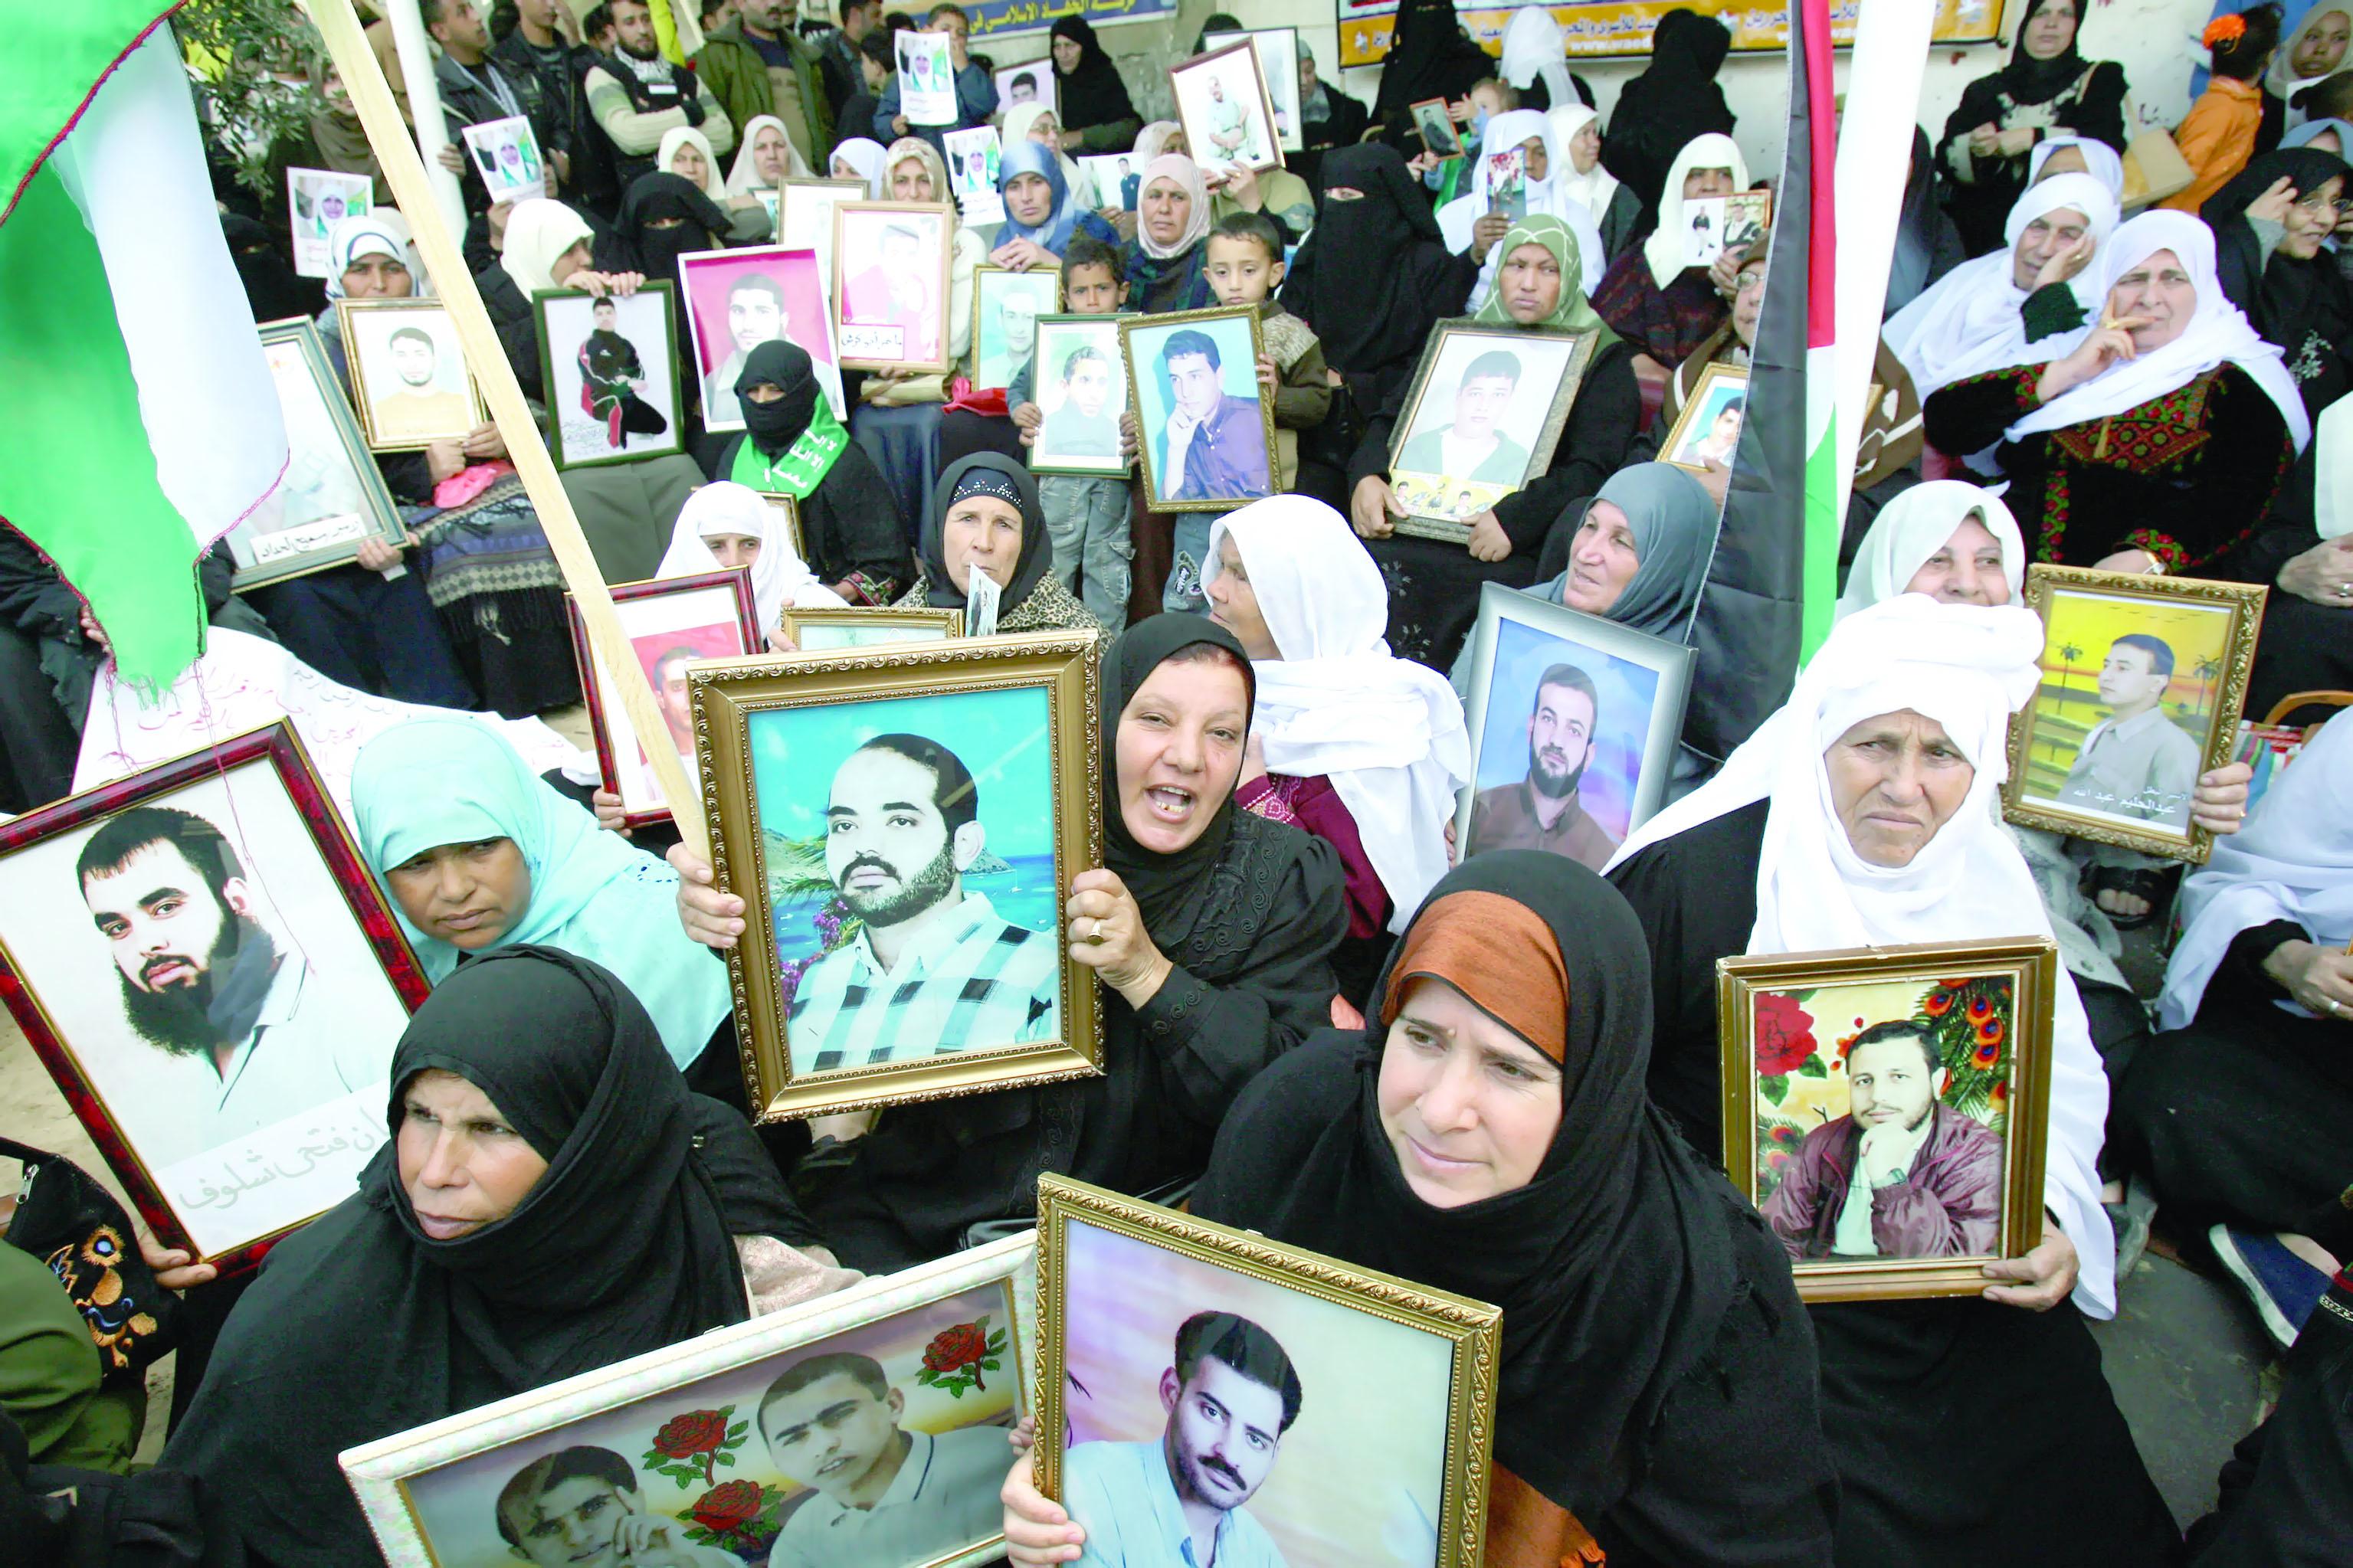 معاناة لانهائية للأسرى الفلسطينيين